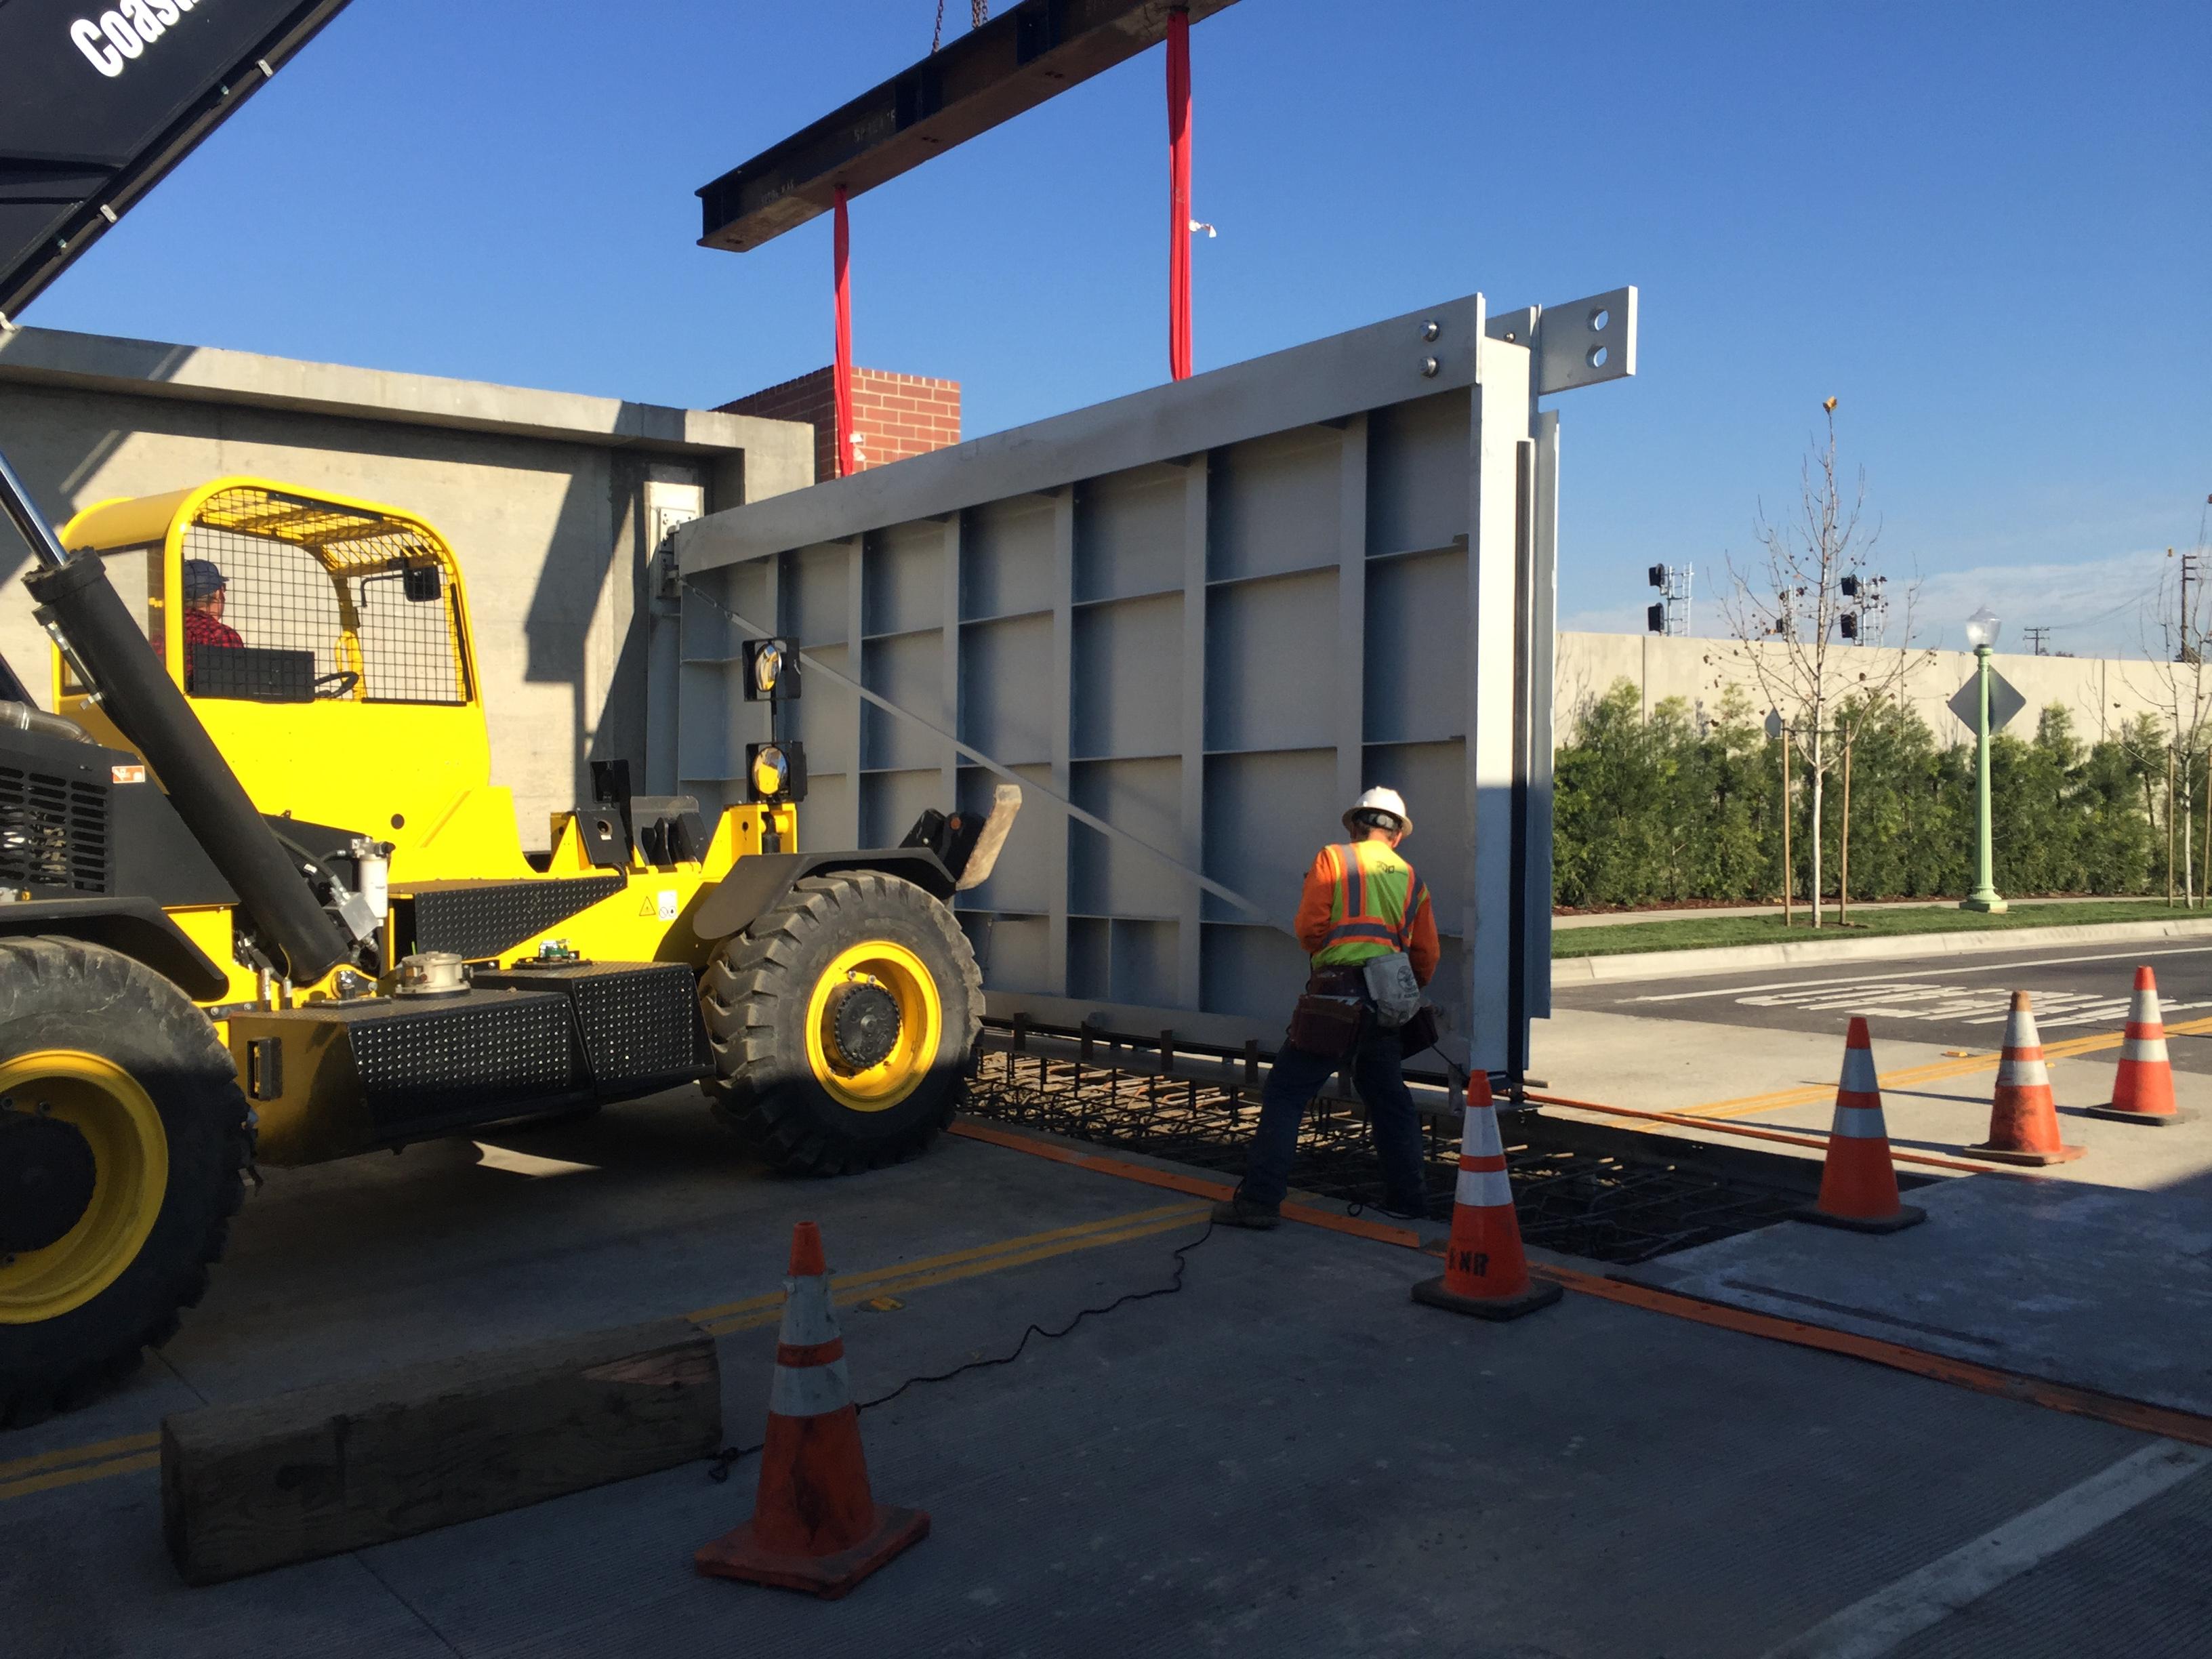 Walz & Krenzer Flood Barrier installed in McKinley Village, Sacramento CA